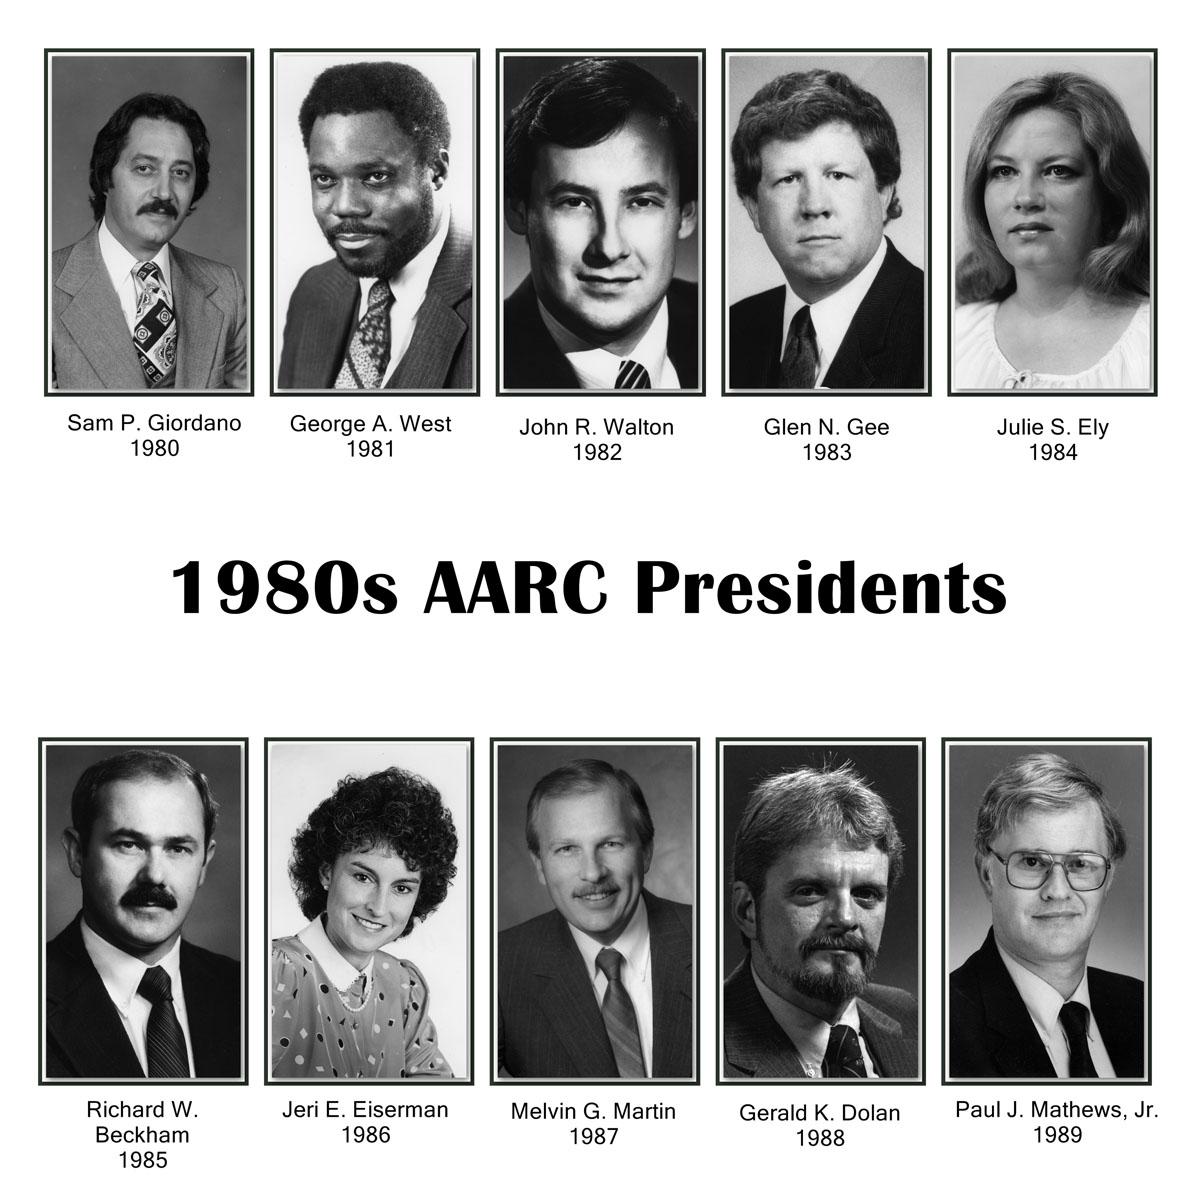 AARC Presidents 1980s